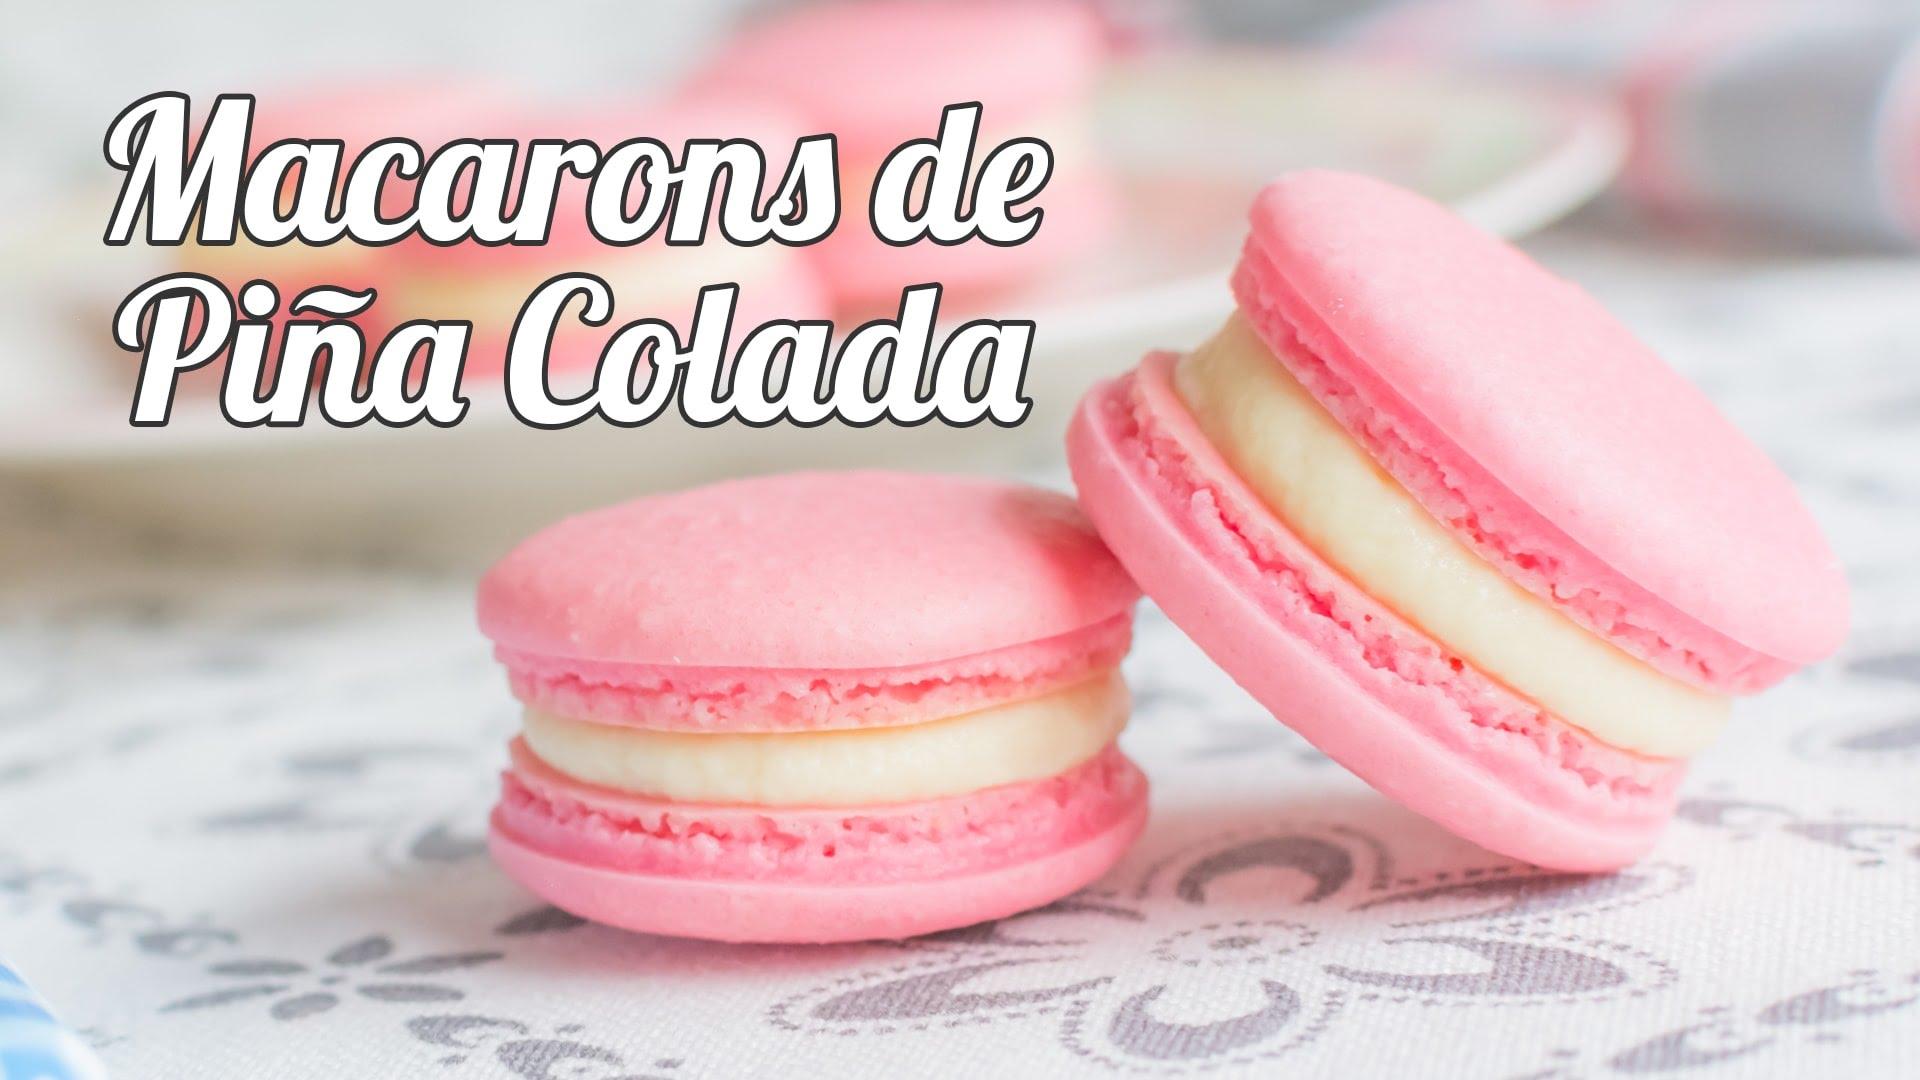 Macarons de Piña Colada - Recetas de postres y panes